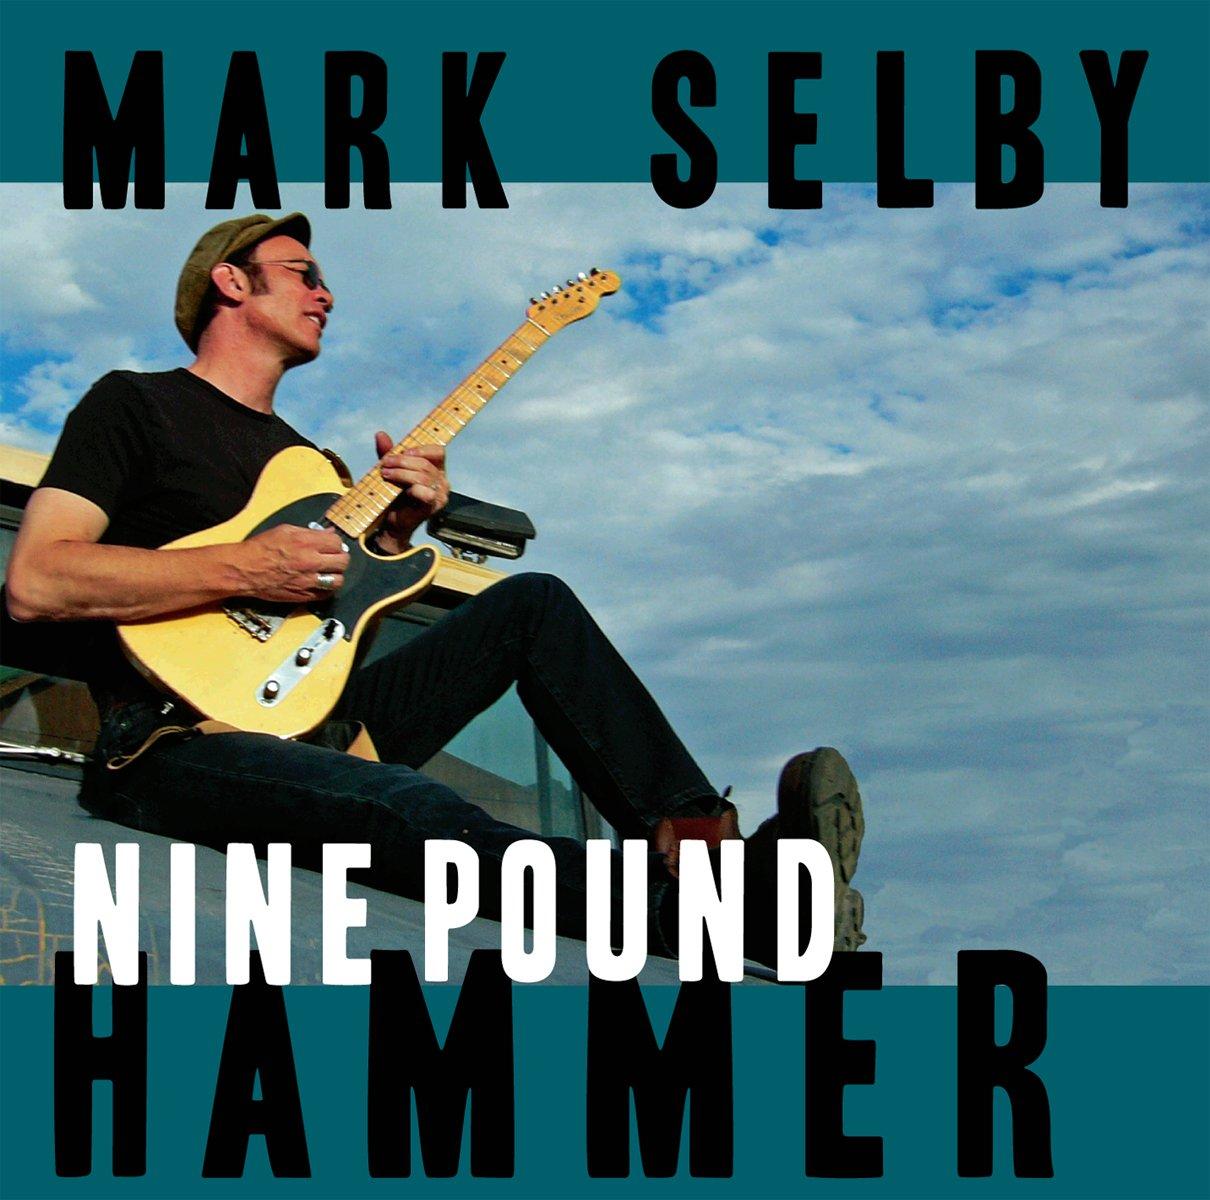 Марк Селби Mark Selby. Nine Pound Hammer (LP) алкотестер mark v марк 5